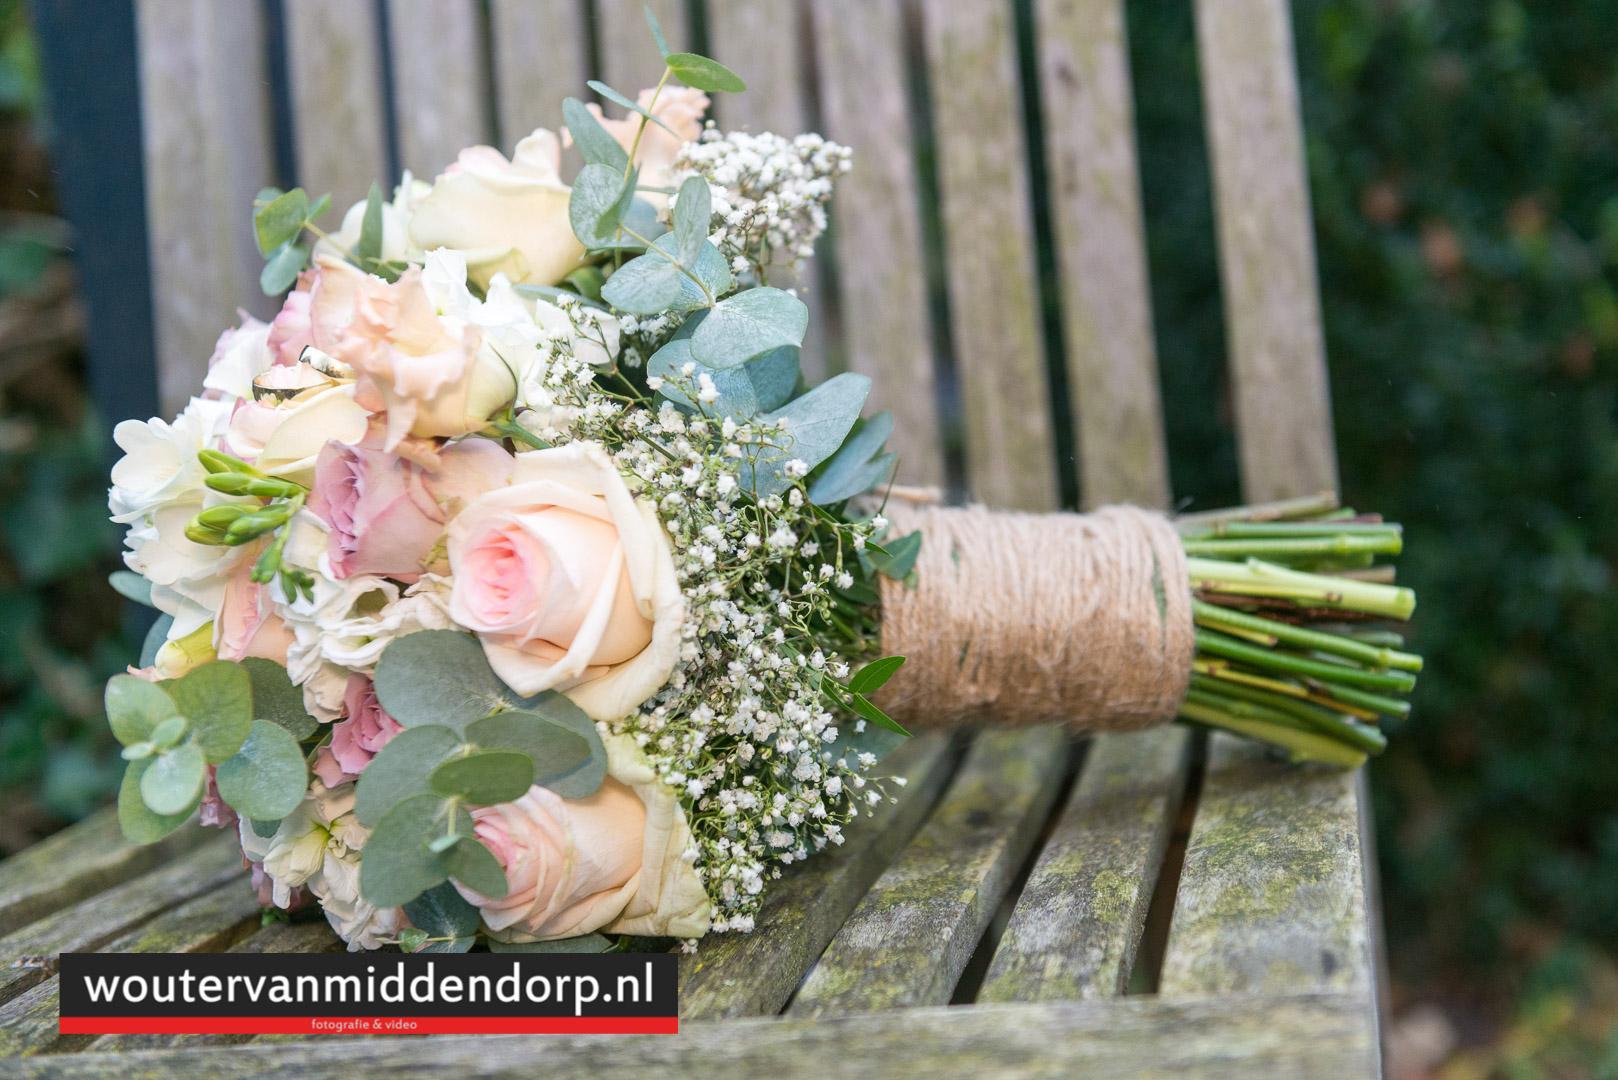 foto Wouter van Middendorp Uddel, Veluwe, Gelderland, trouwfotograaf (7)